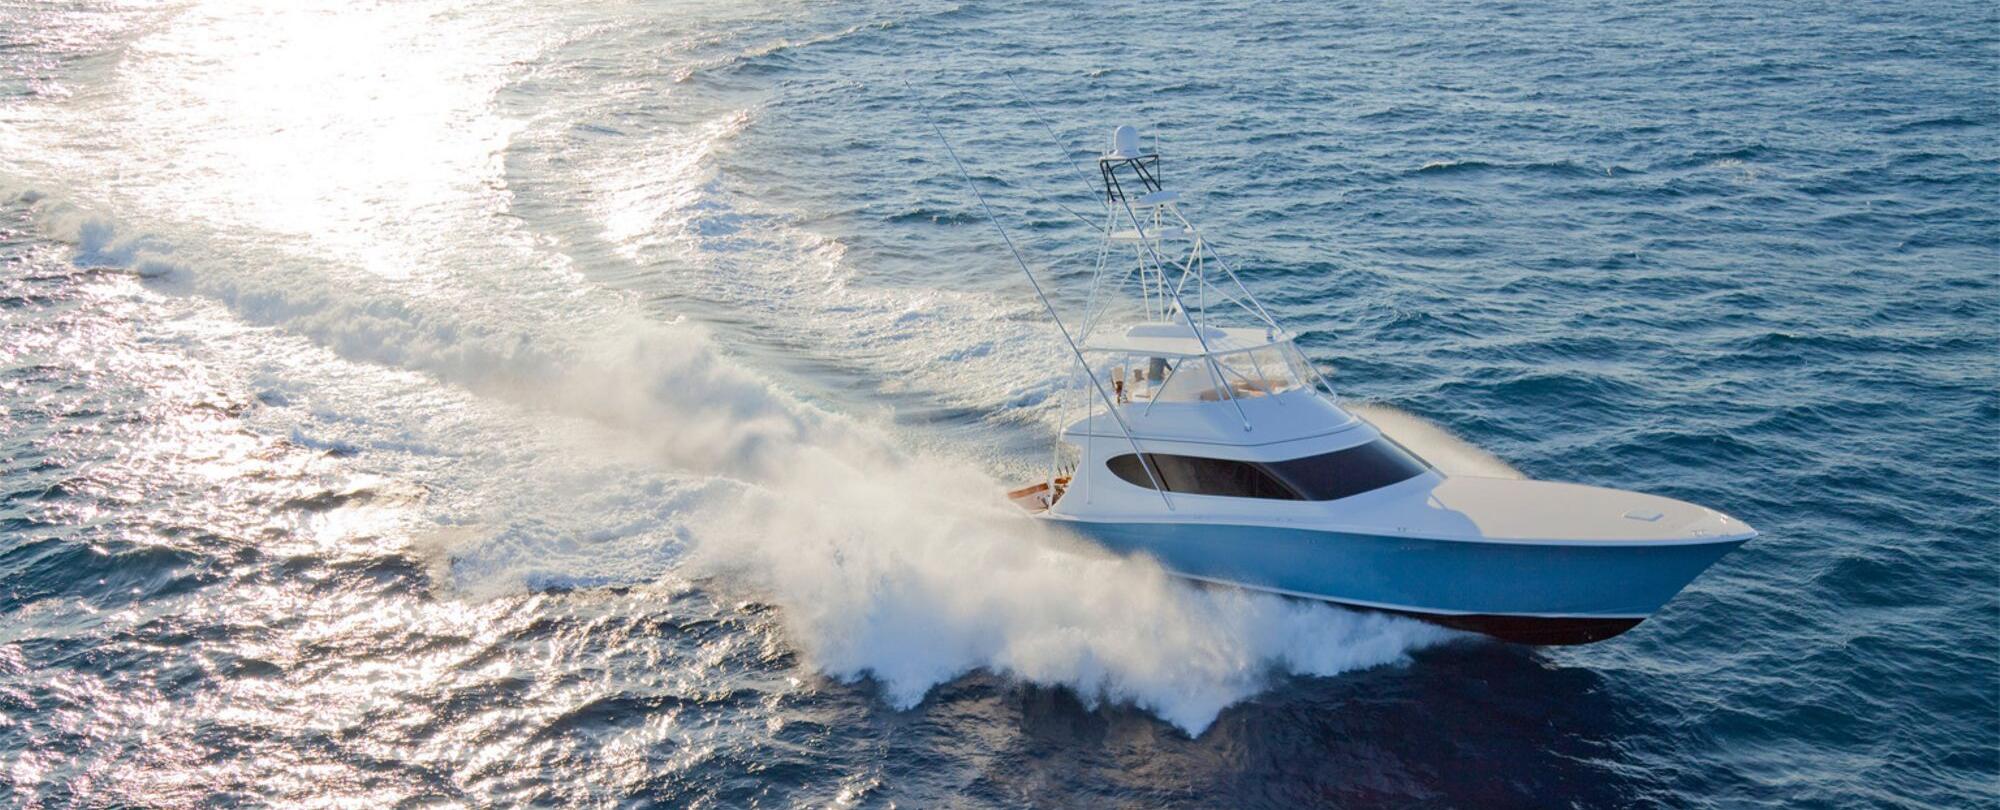 Hatteras boat